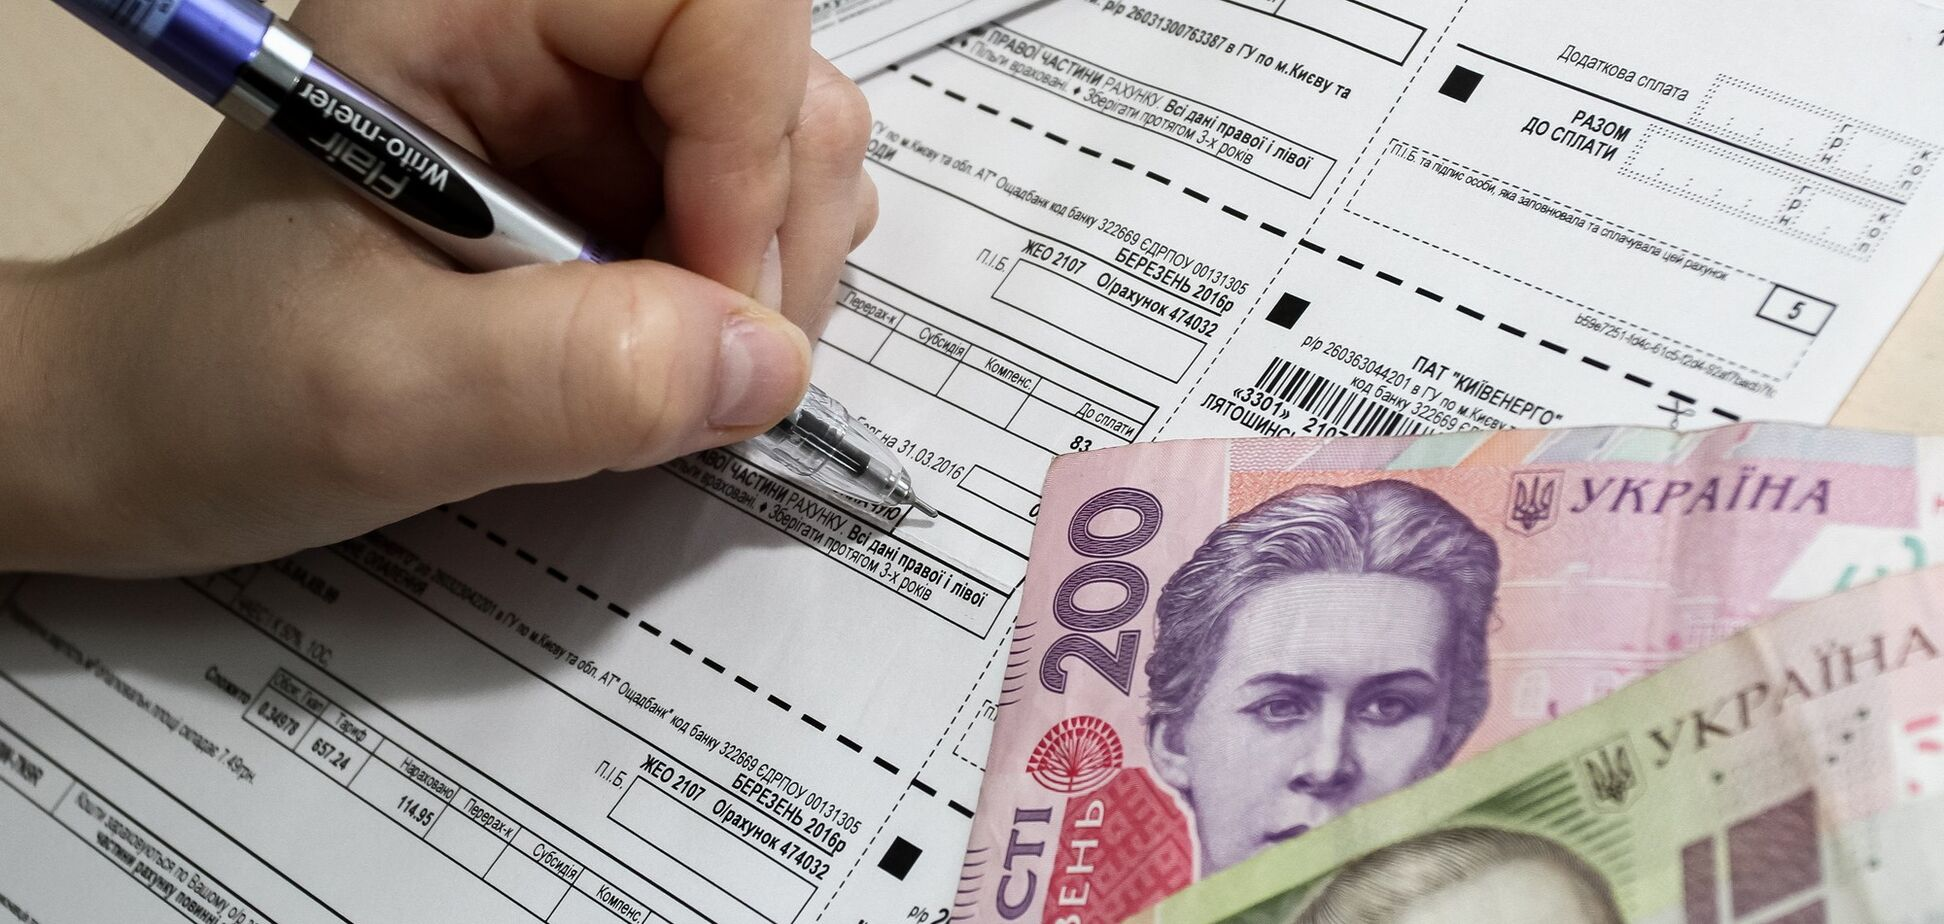 Українців очікують нові тарифи на воду: чому заплатимо більше